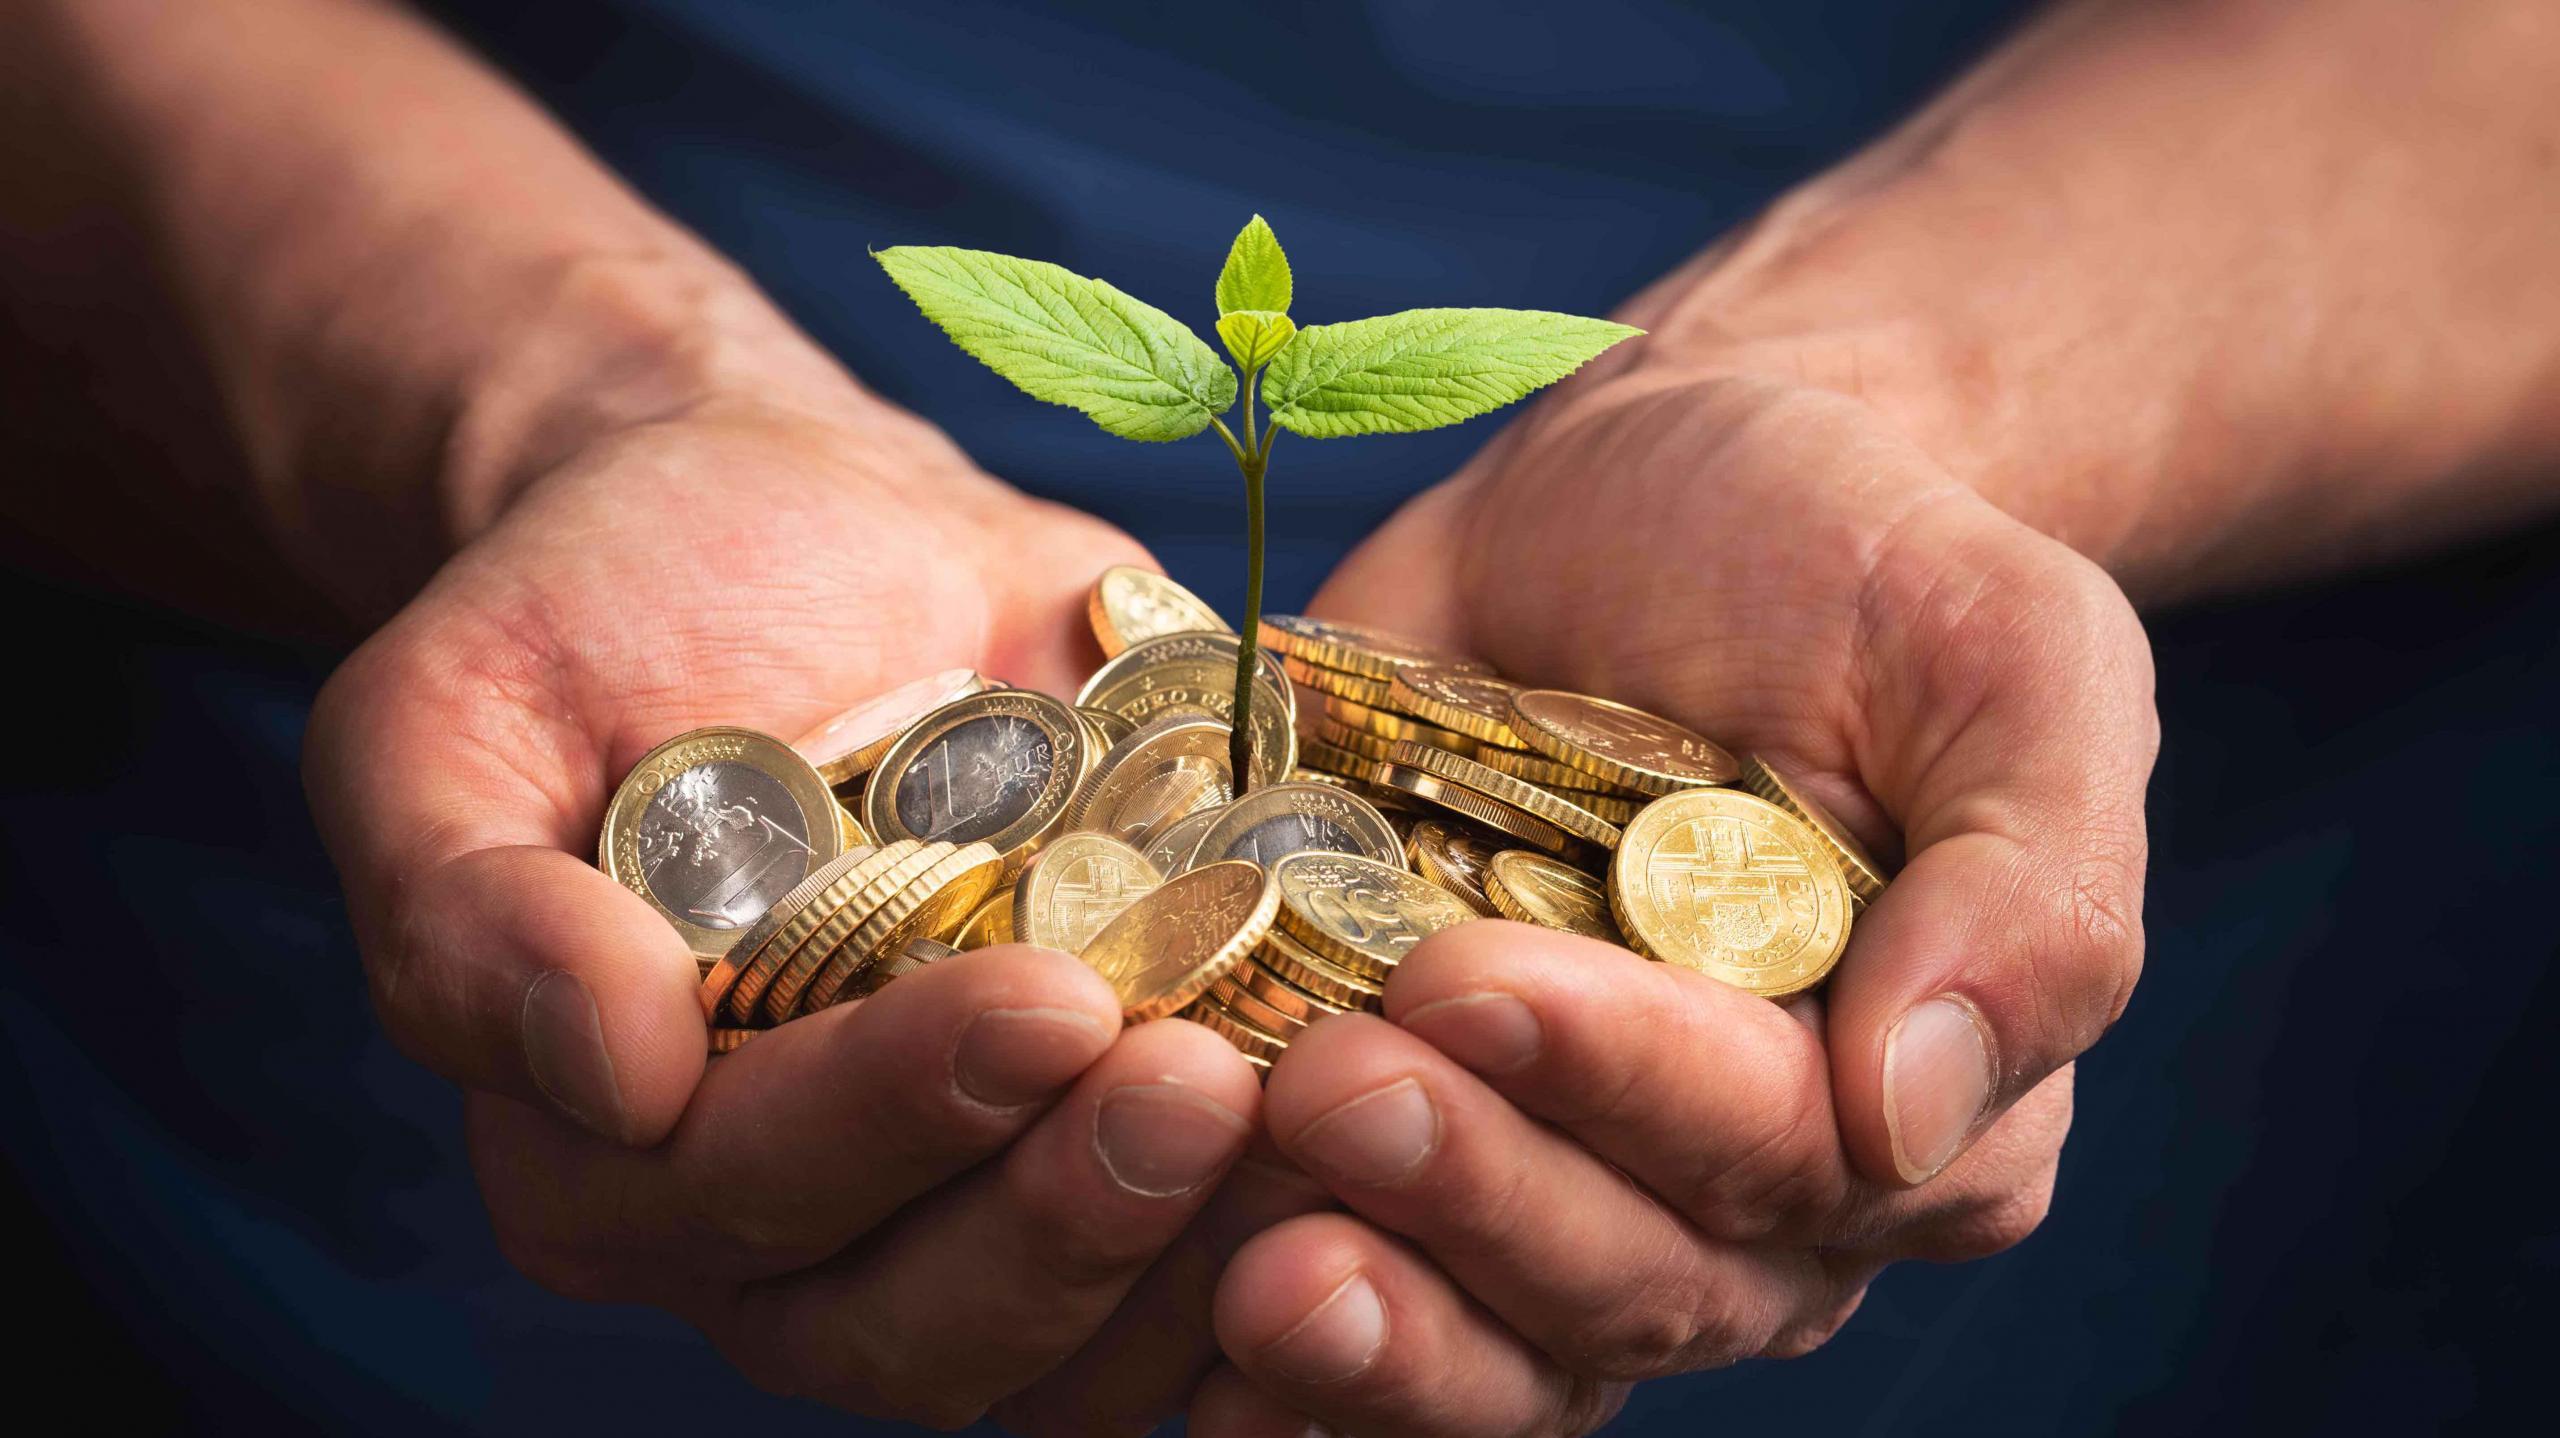 Nachhaltigkeit: Die Verantwortung wächst